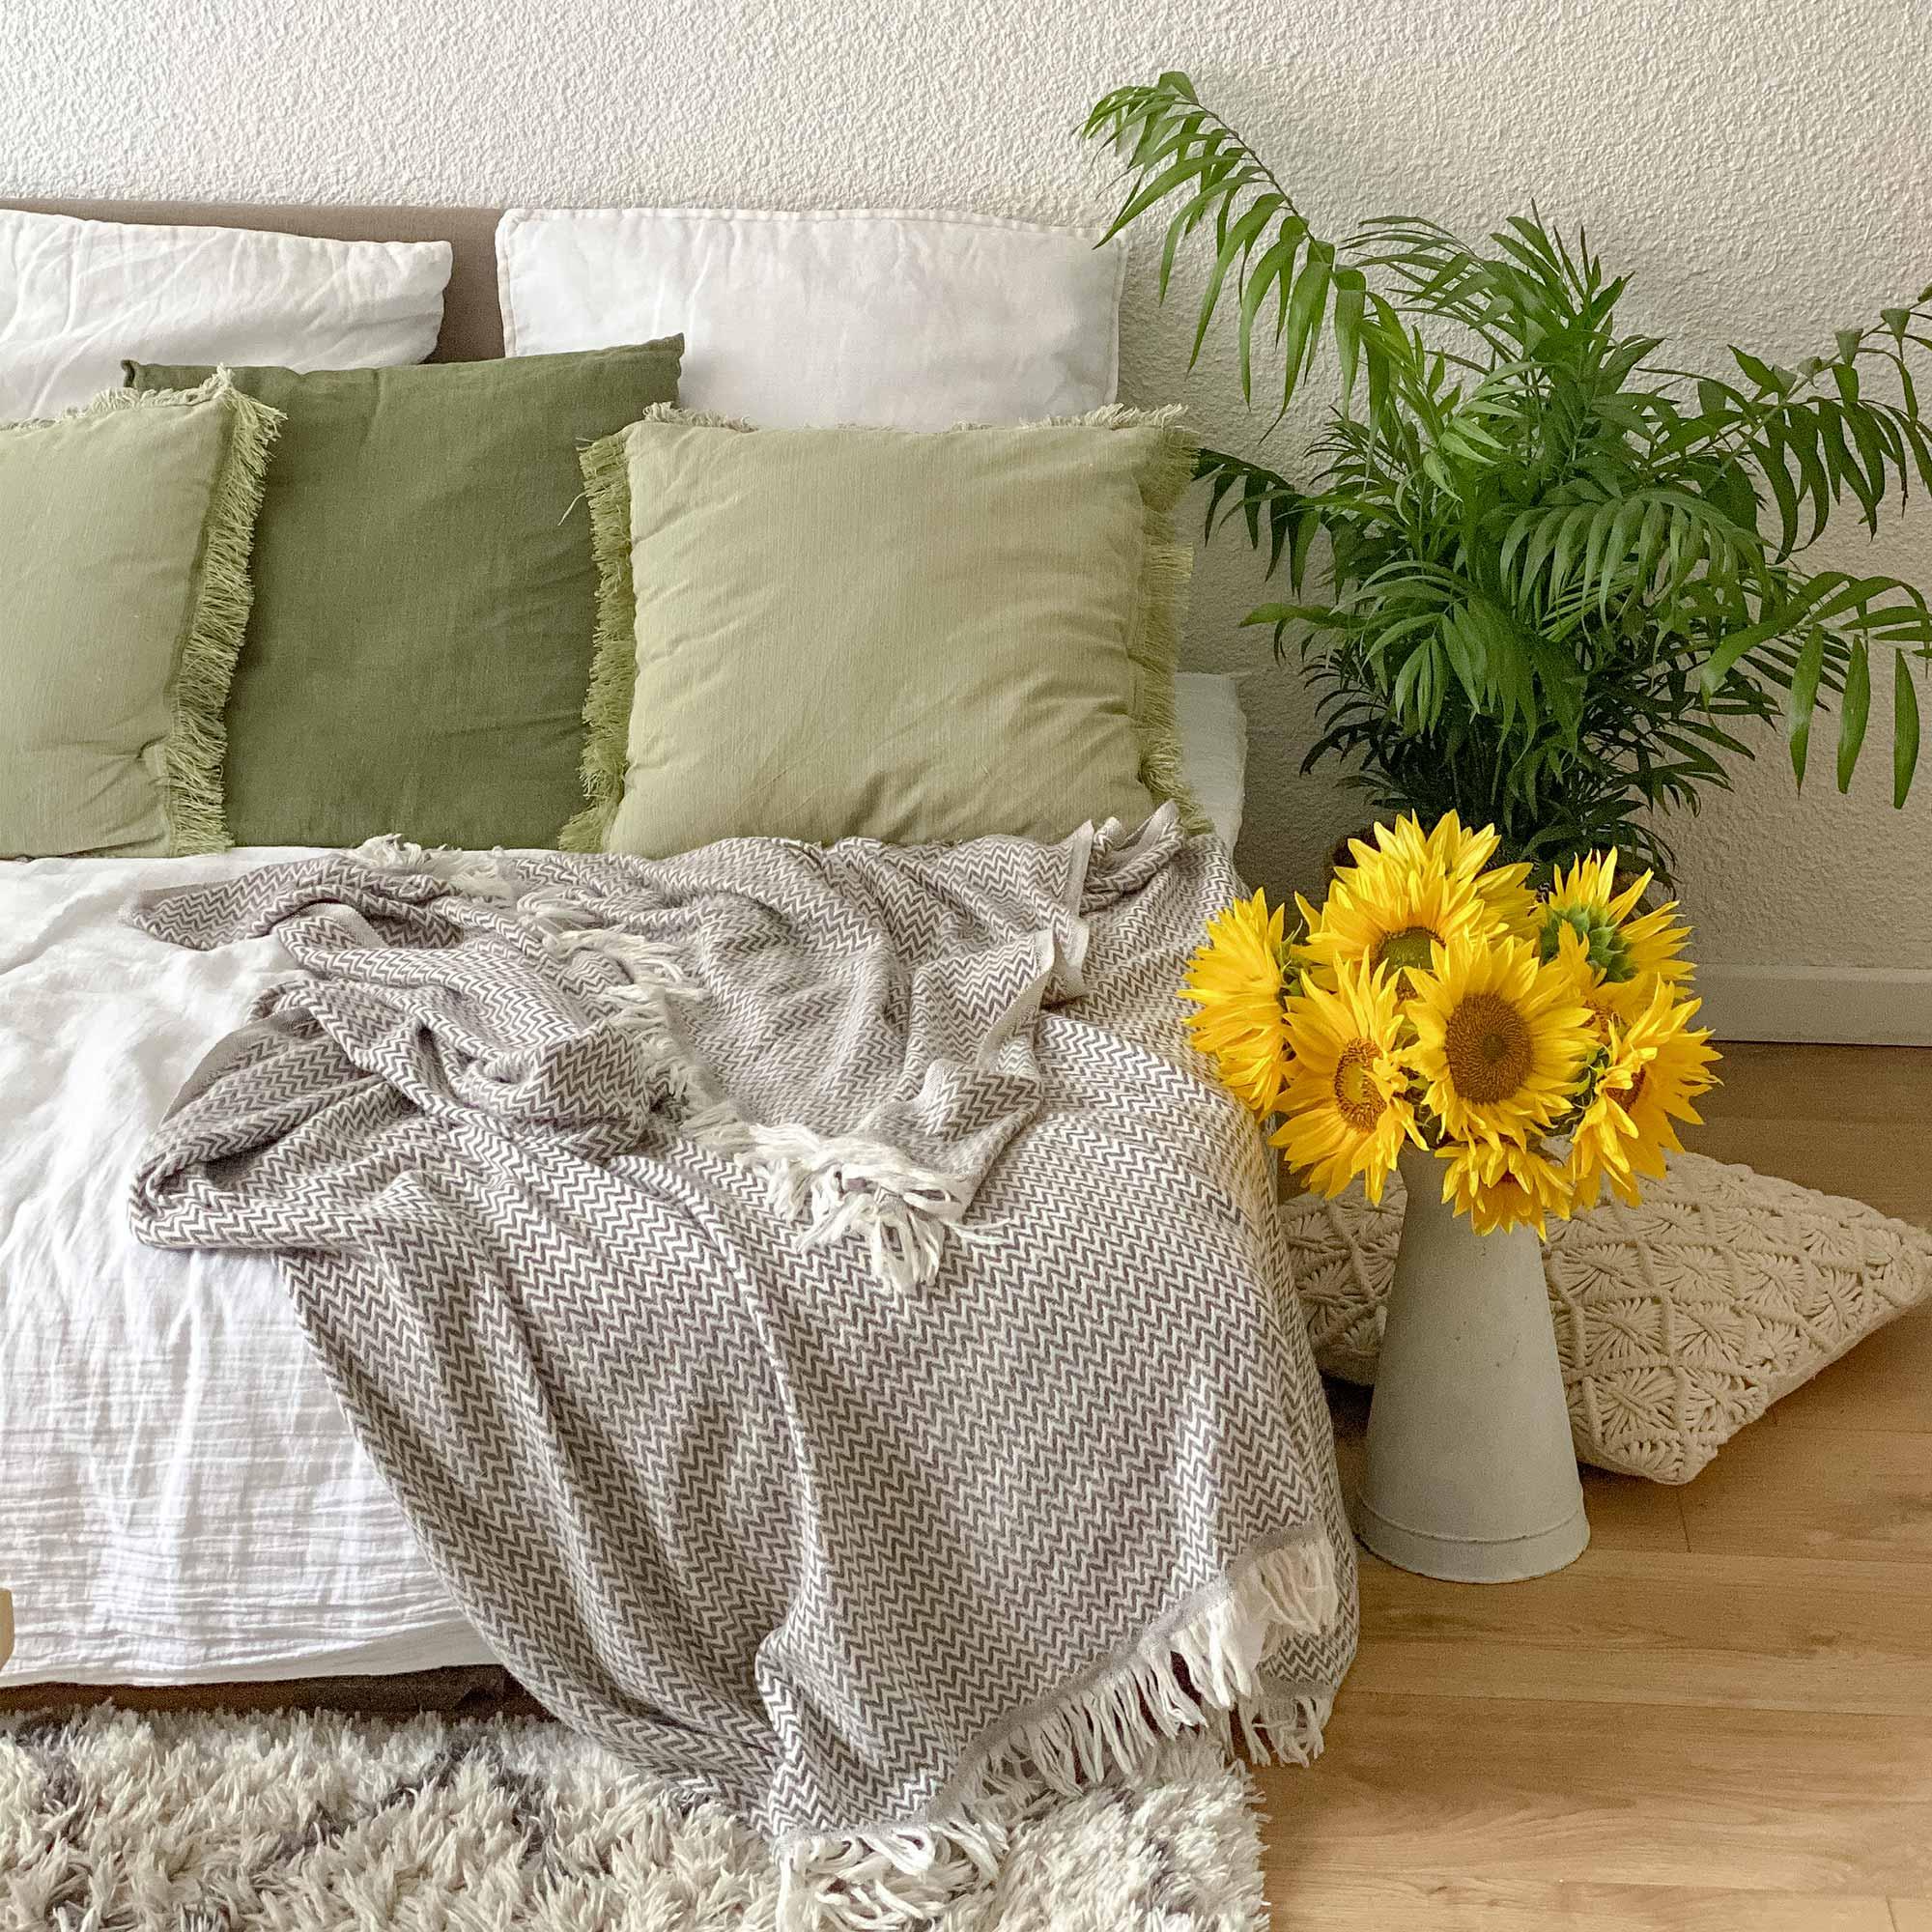 Les jardins de la comtesse Plaid cachemire et laine petits chevrons marron glacé 130 x 230 cm